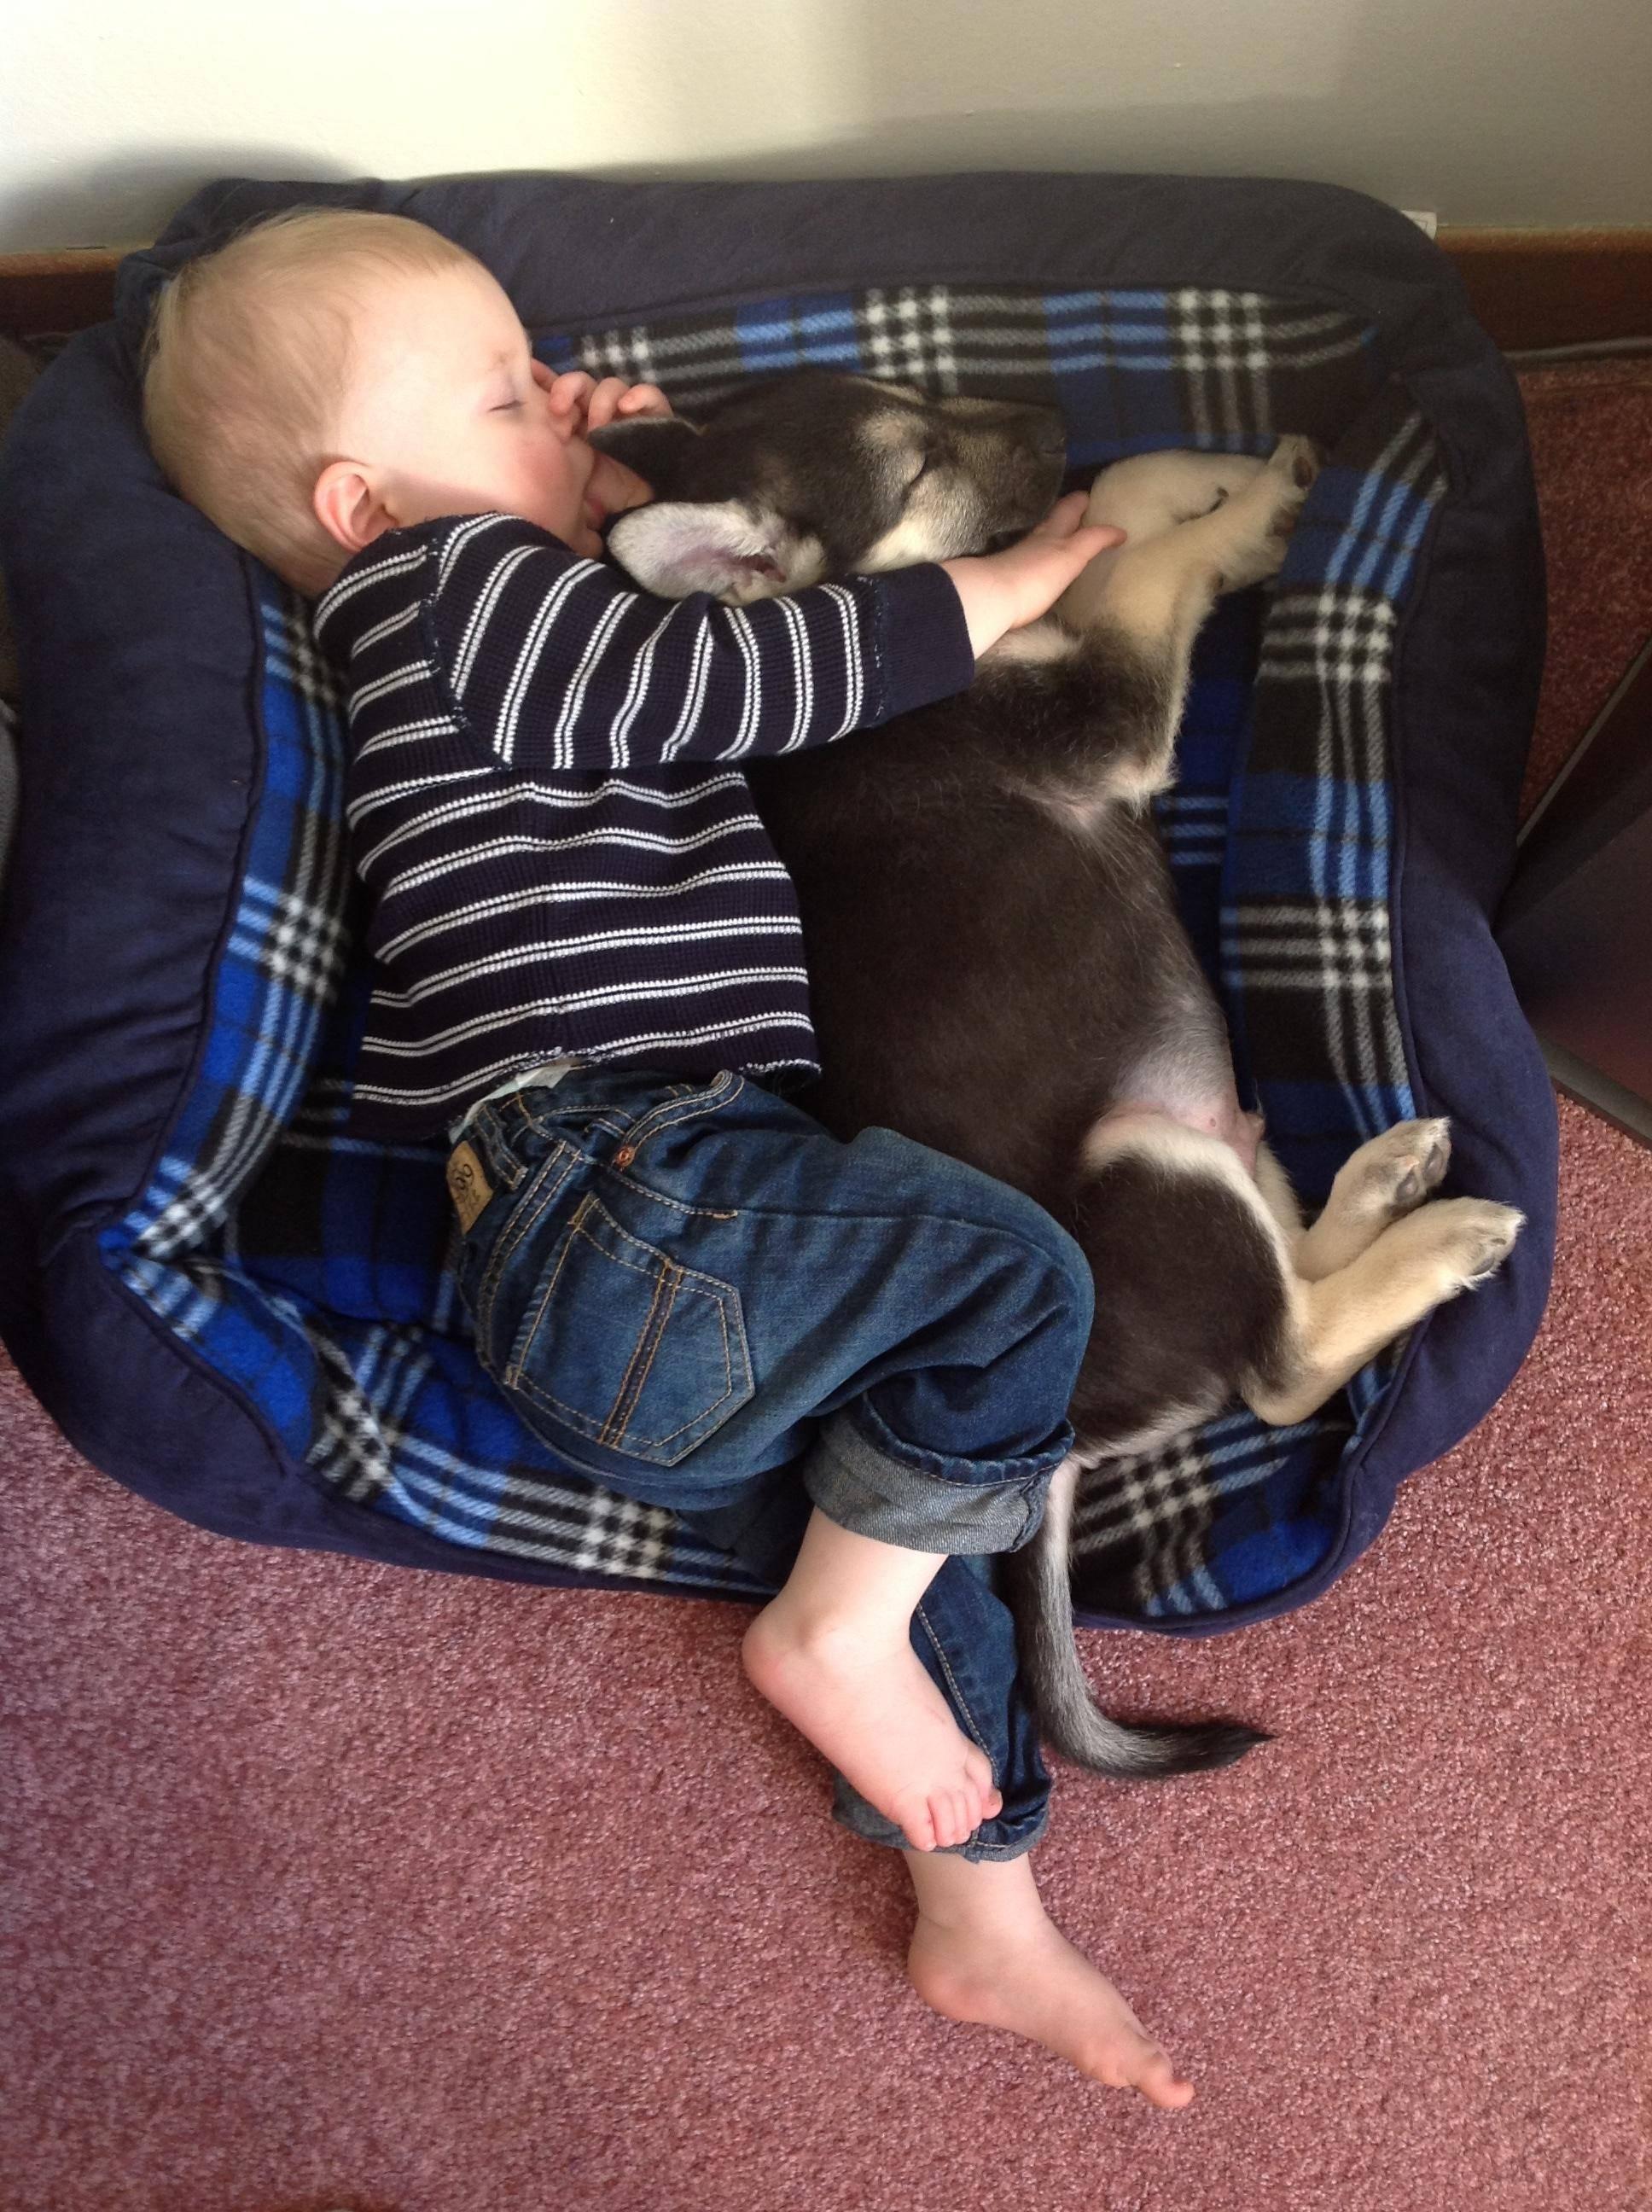 kids-sleep-with-dogs (6)